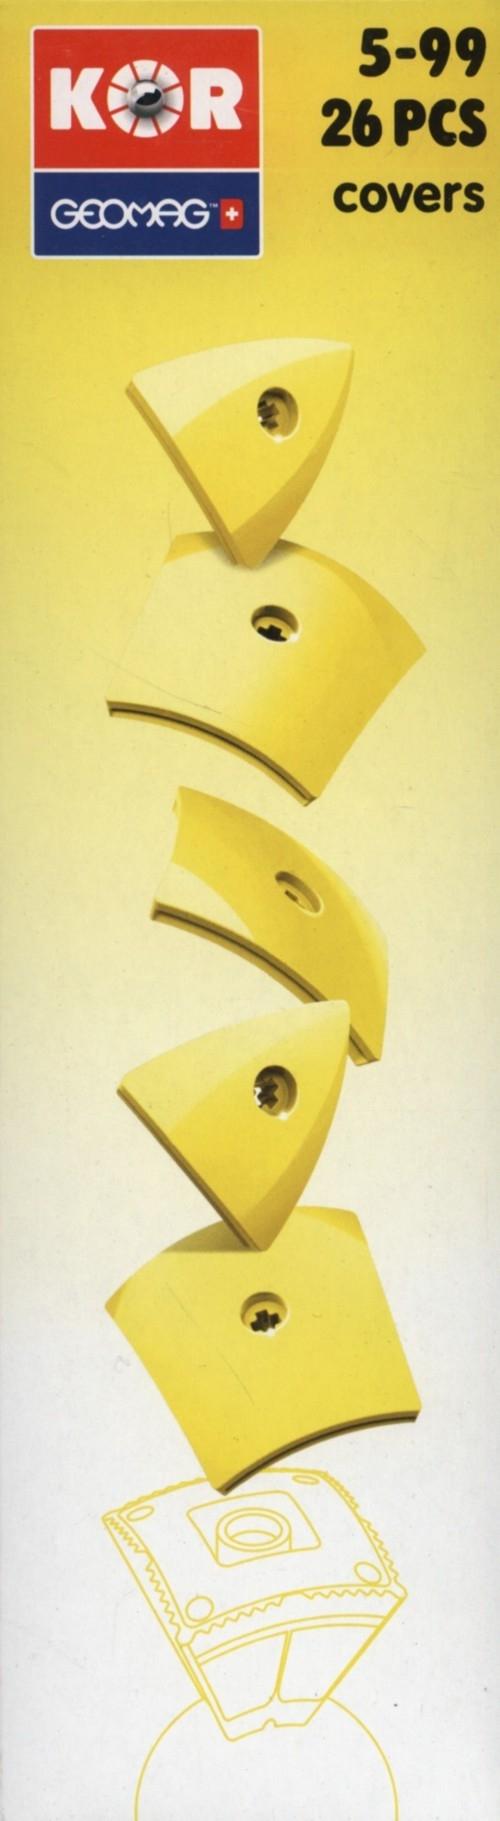 Geomag Kor Cover 26 elementów żółty